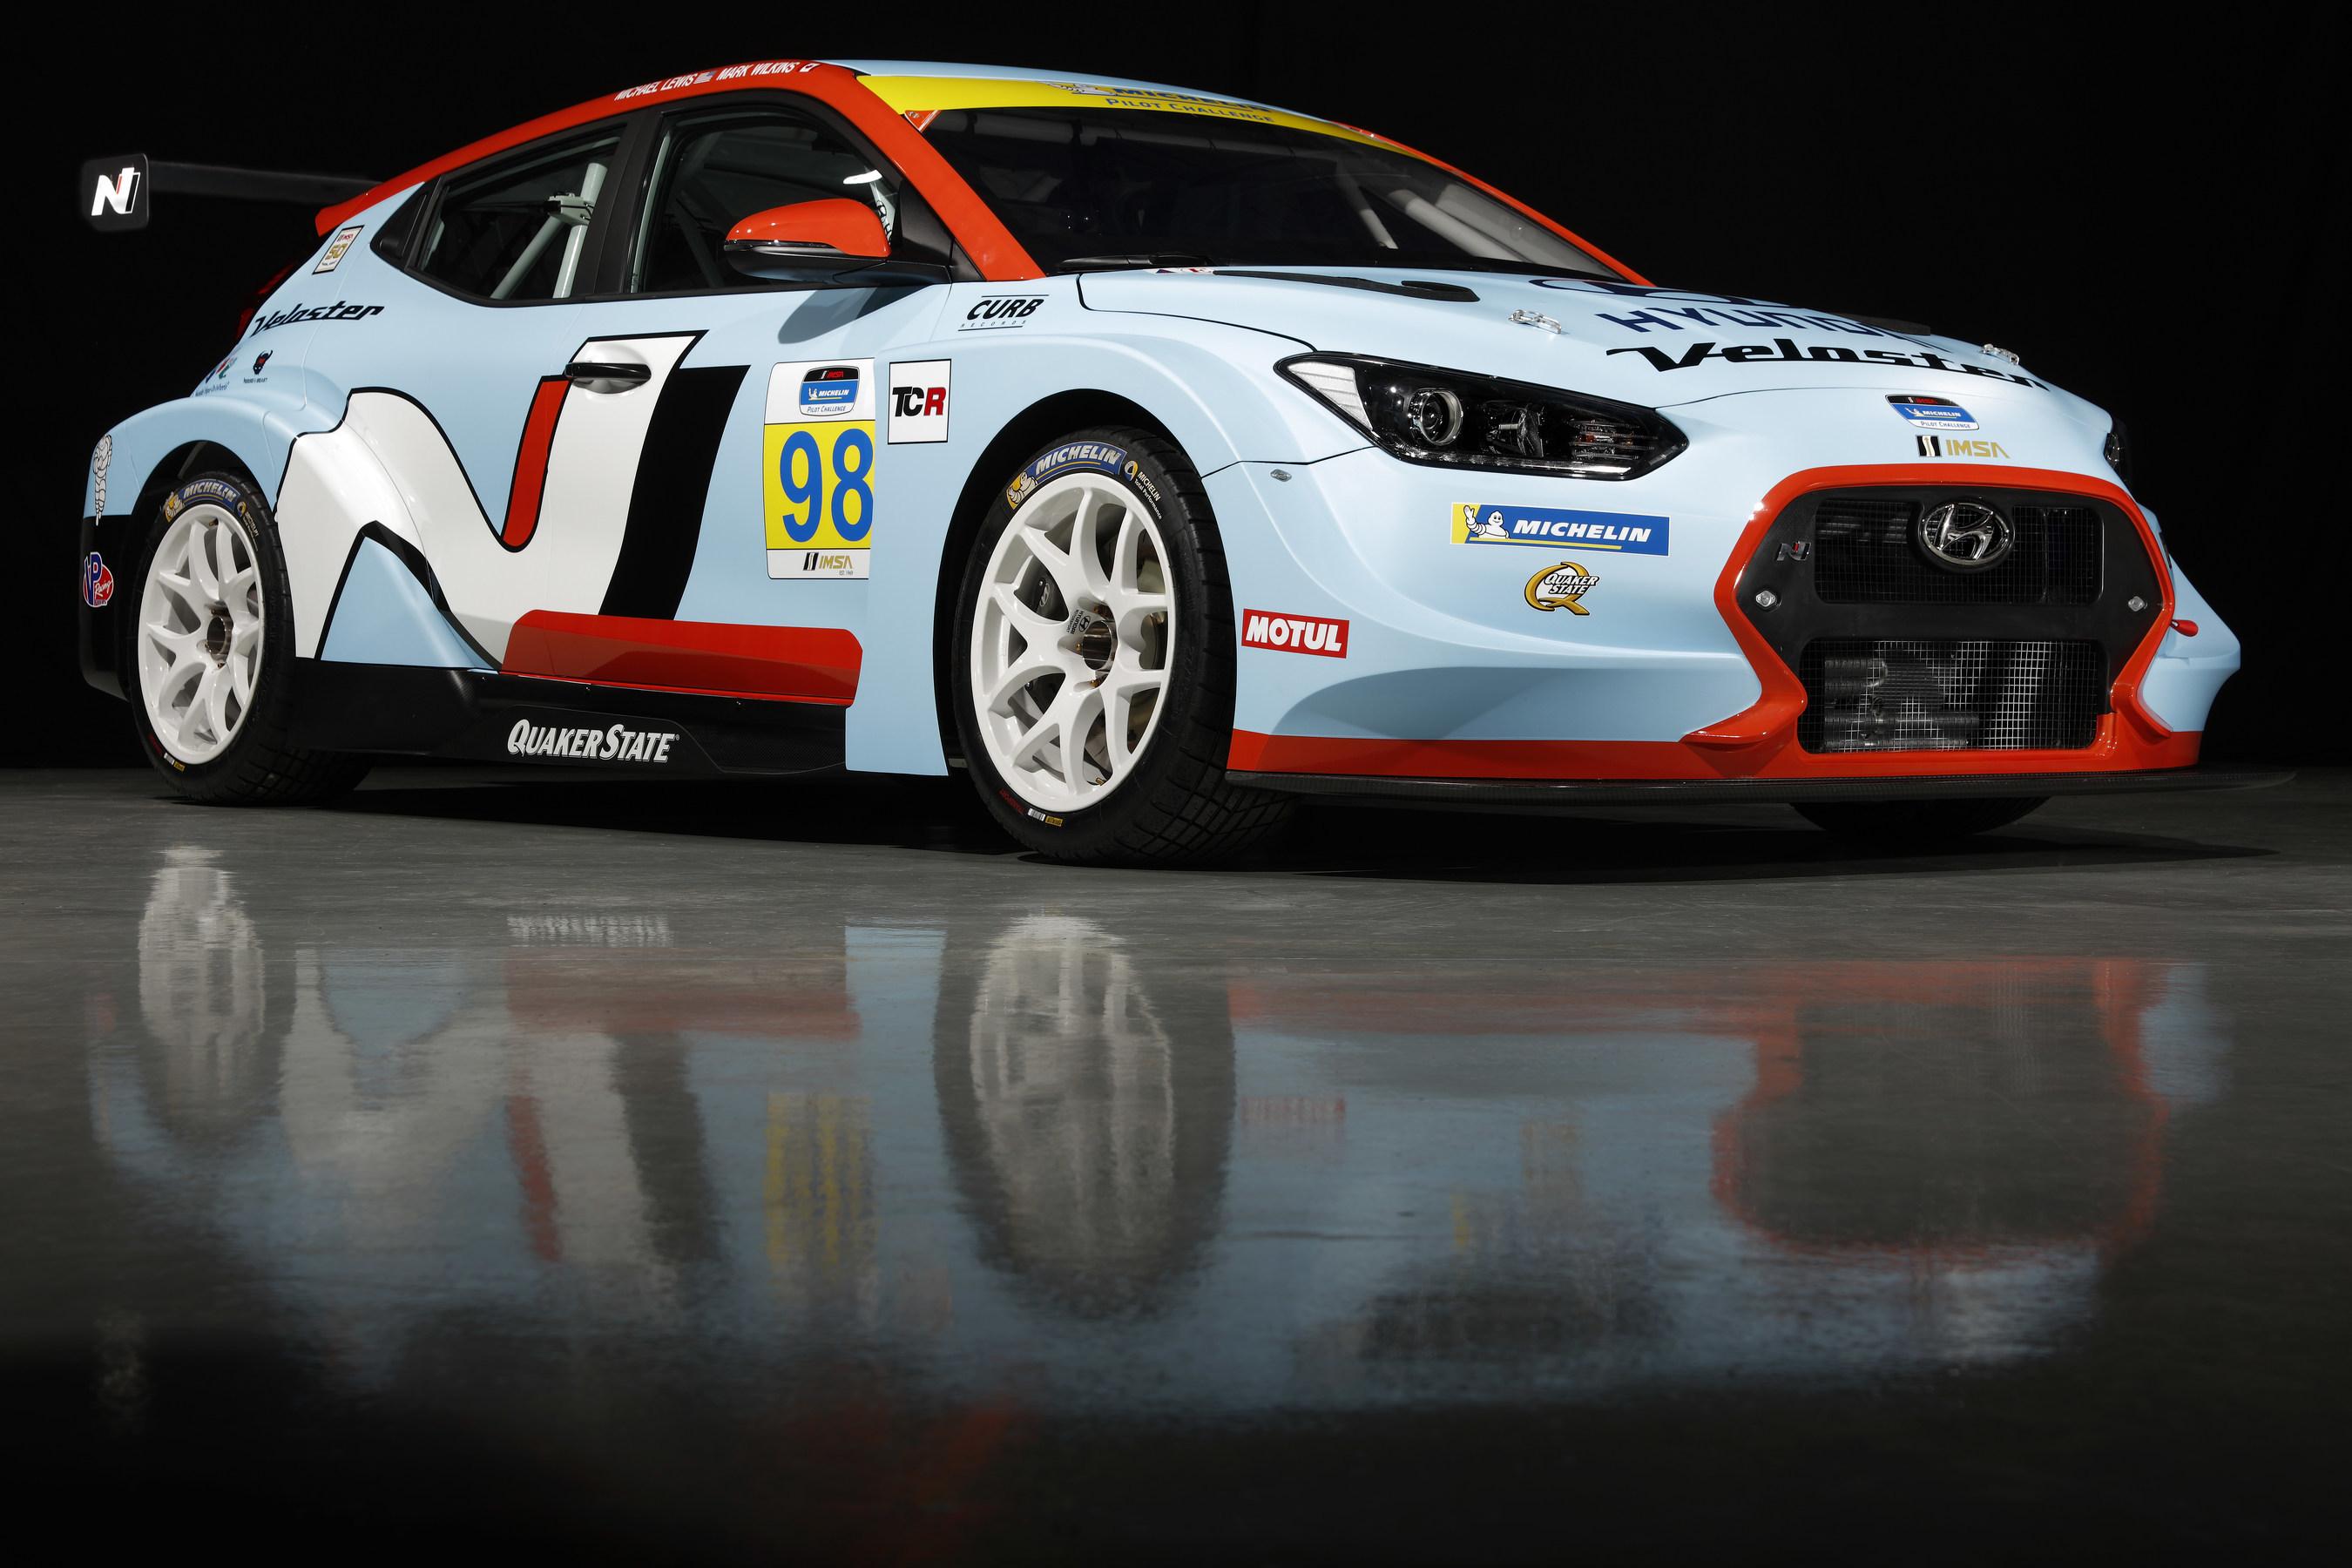 Hyundai Veloster N Race Car Makes World Debut at North American